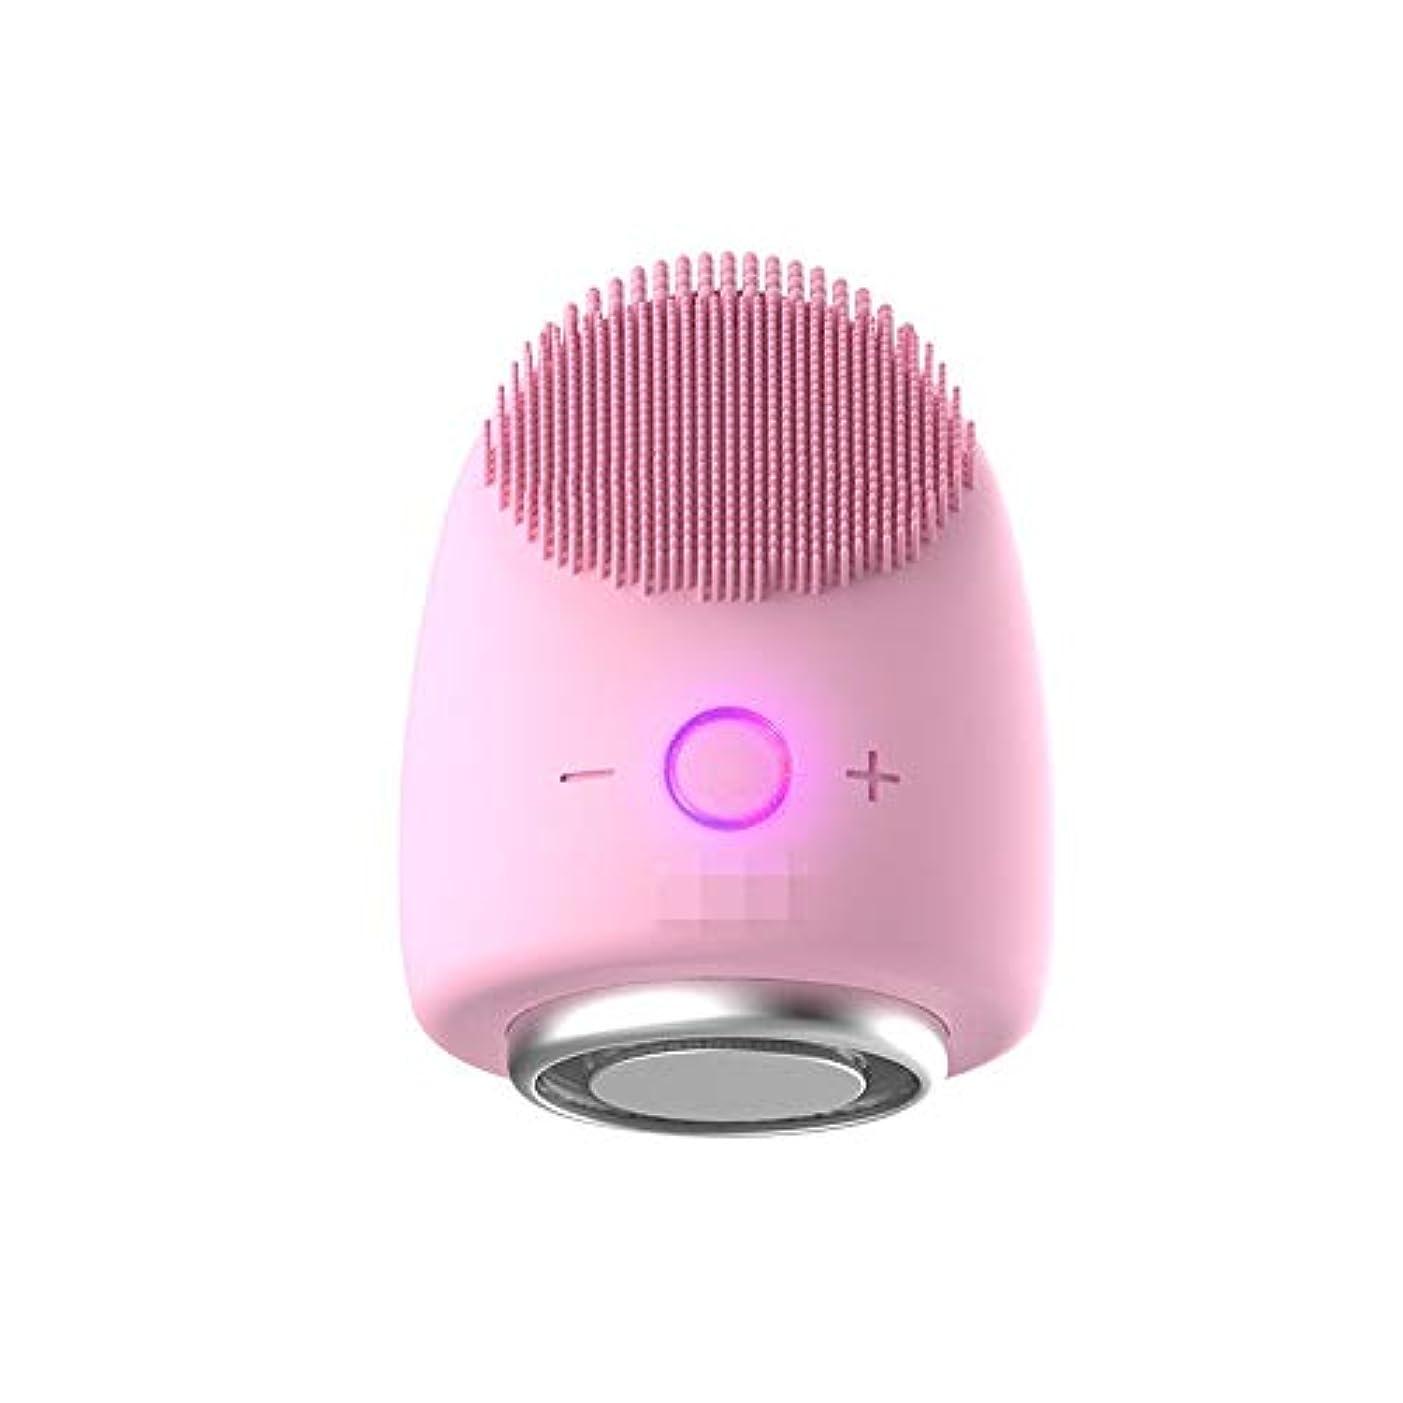 きゅうり船乗りテザーChaopeng 多機能美容器具洗浄器具導入器具凝縮ホットドレッシング肌活性化器具 (Color : ピンク)